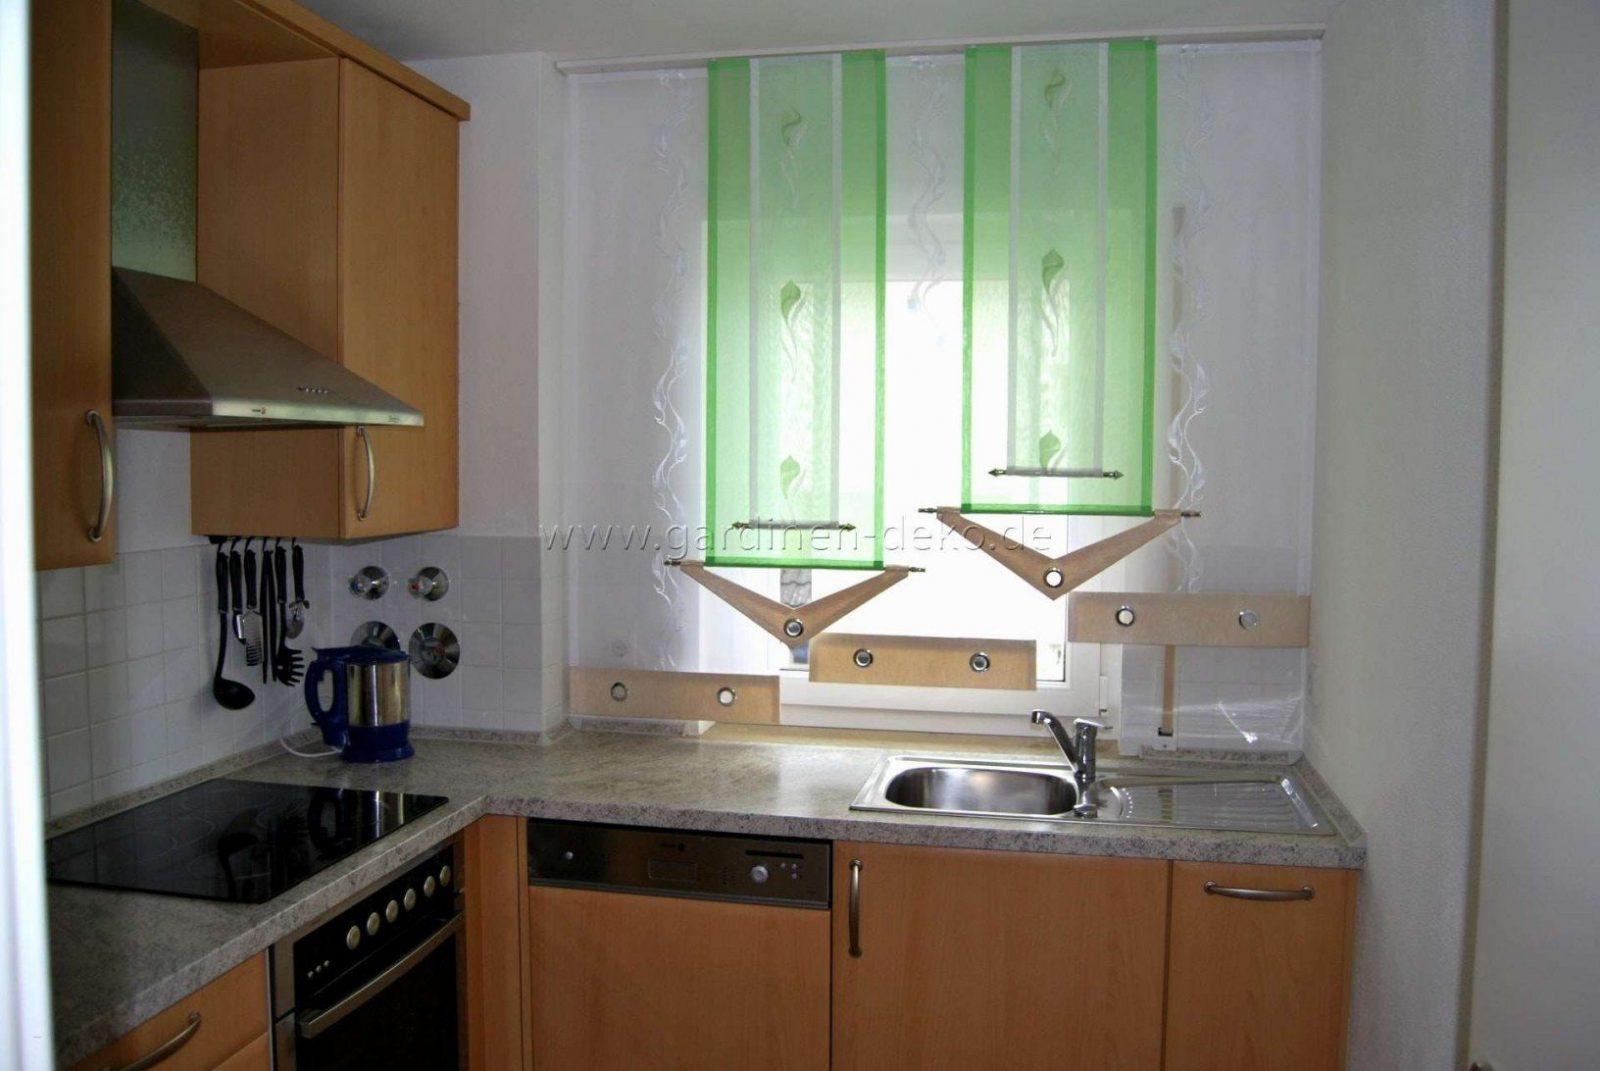 Fensterdeko Küche Modern Schön Küchenfenster Dekorieren Kuechen von Gardinen Für Küchenfenster Ideen Bild